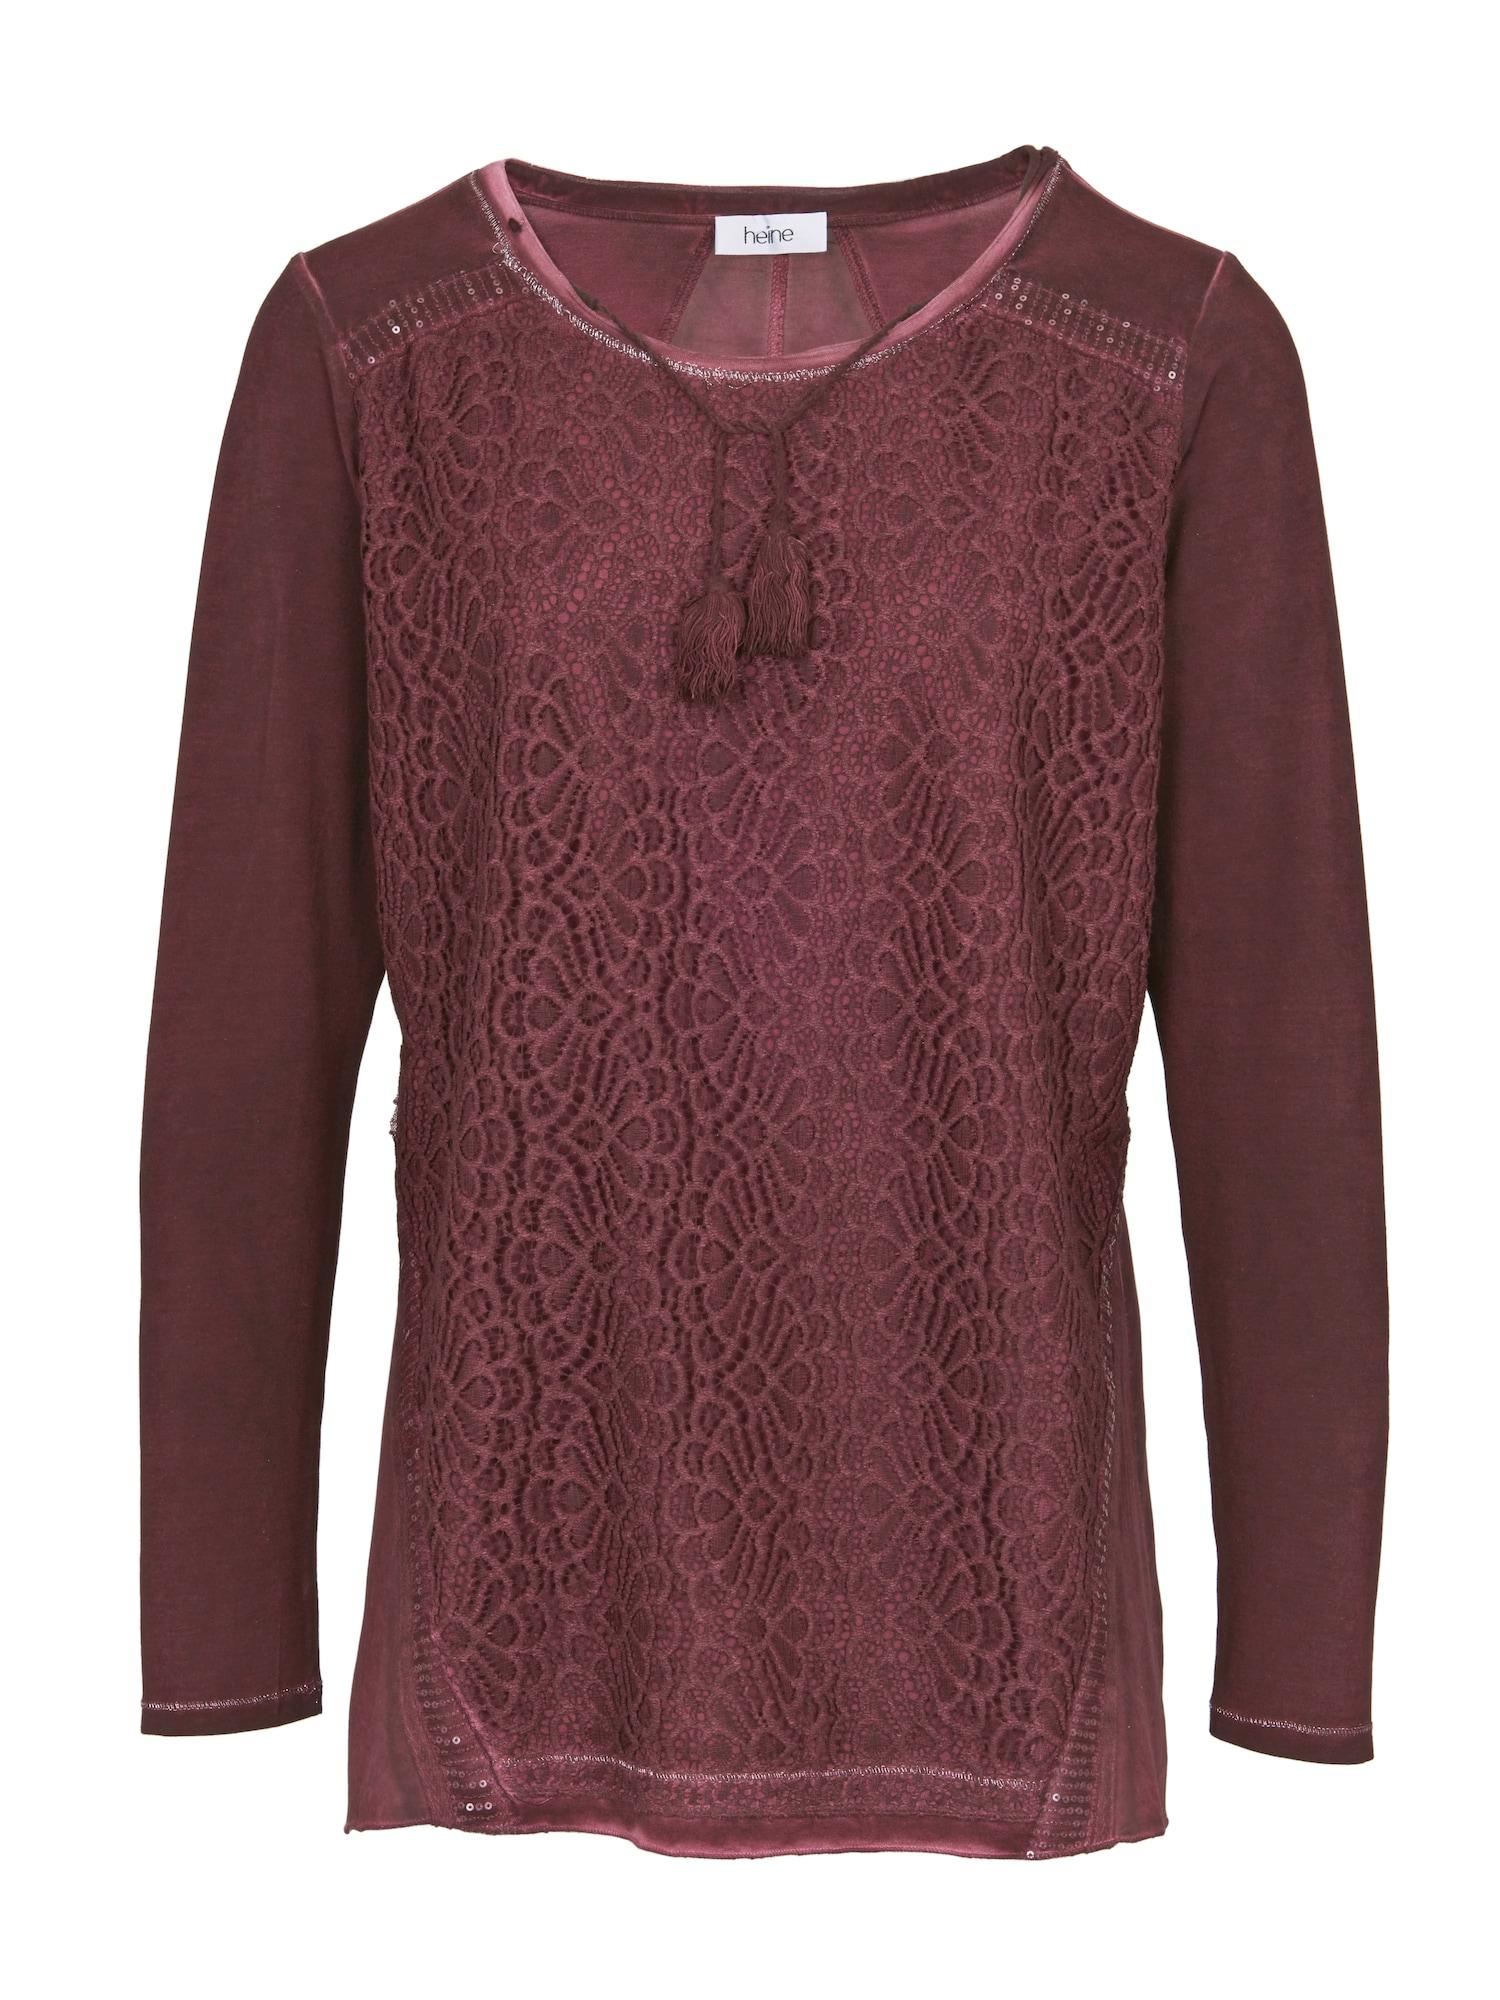 Rundhalsshirt   Bekleidung > Shirts > Rundhalsshirts   heine